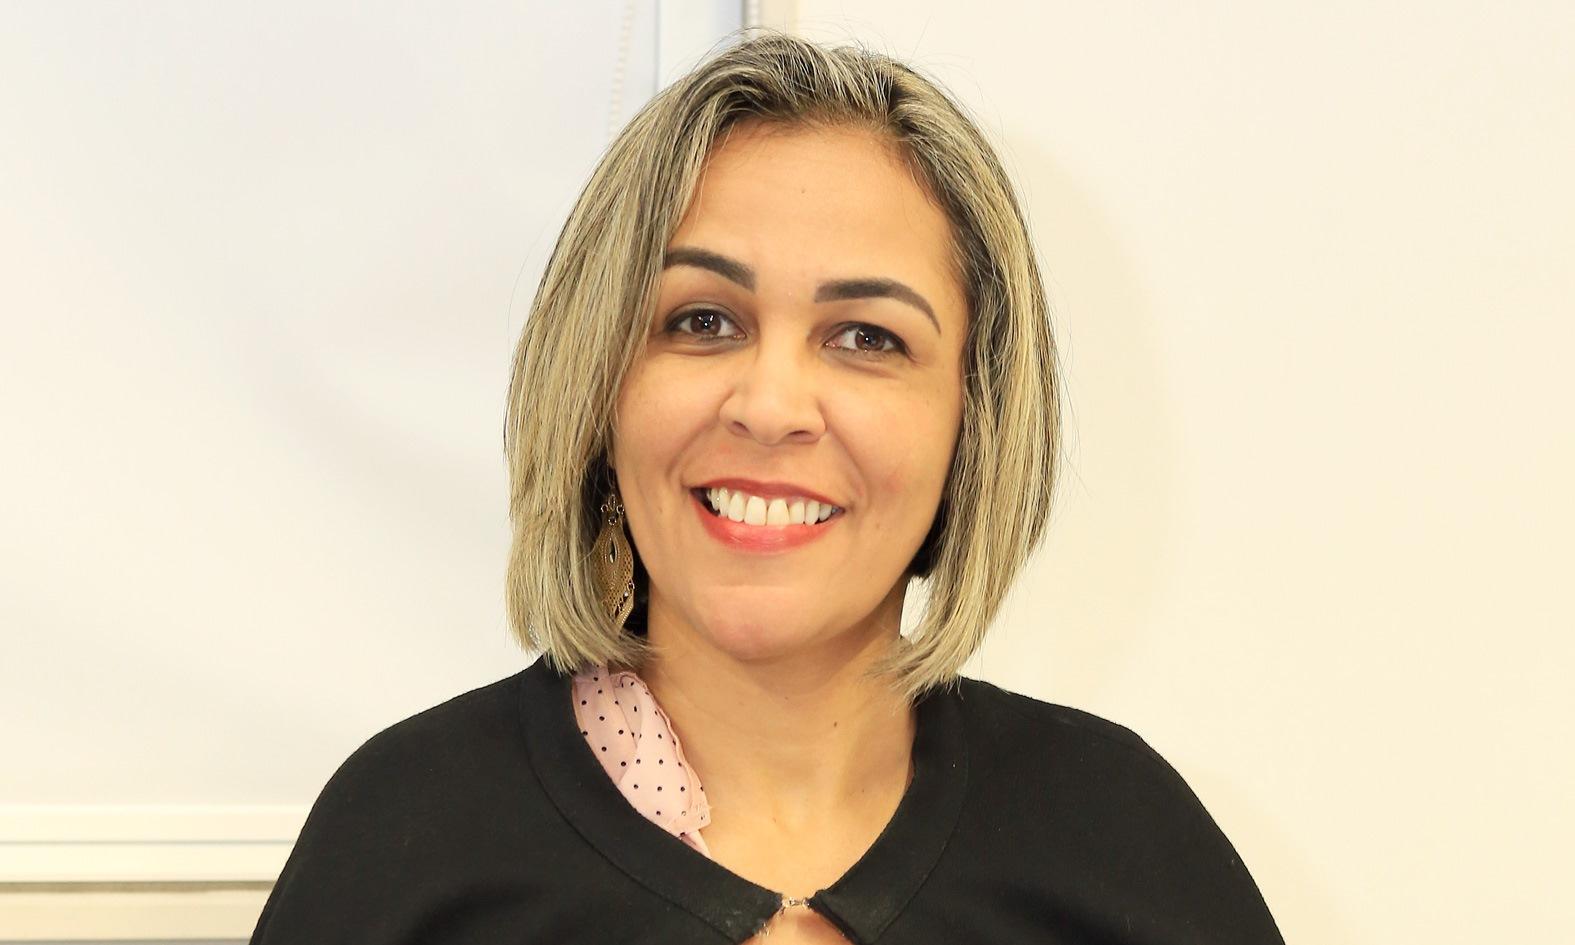 Servidora recebe título de Doutorado em Portugal